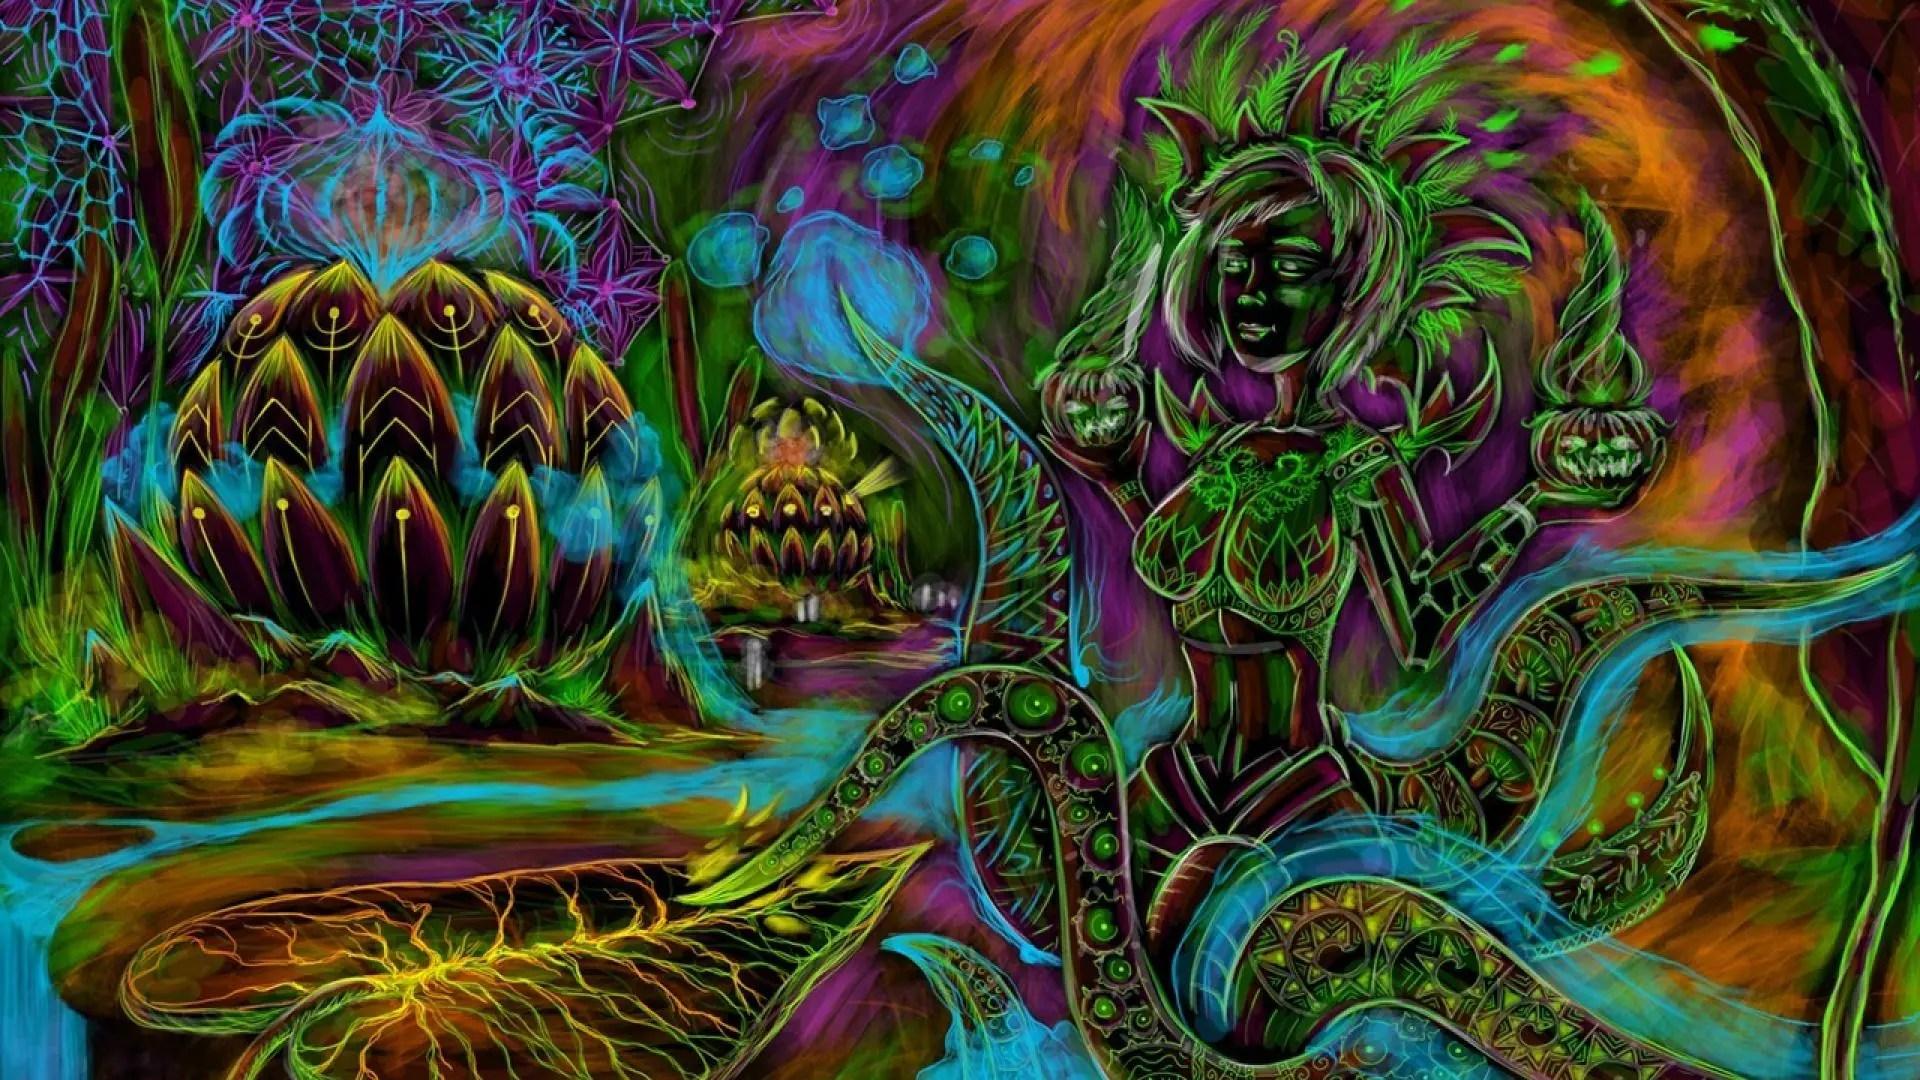 Psychedelic Wallpaper Devi kind